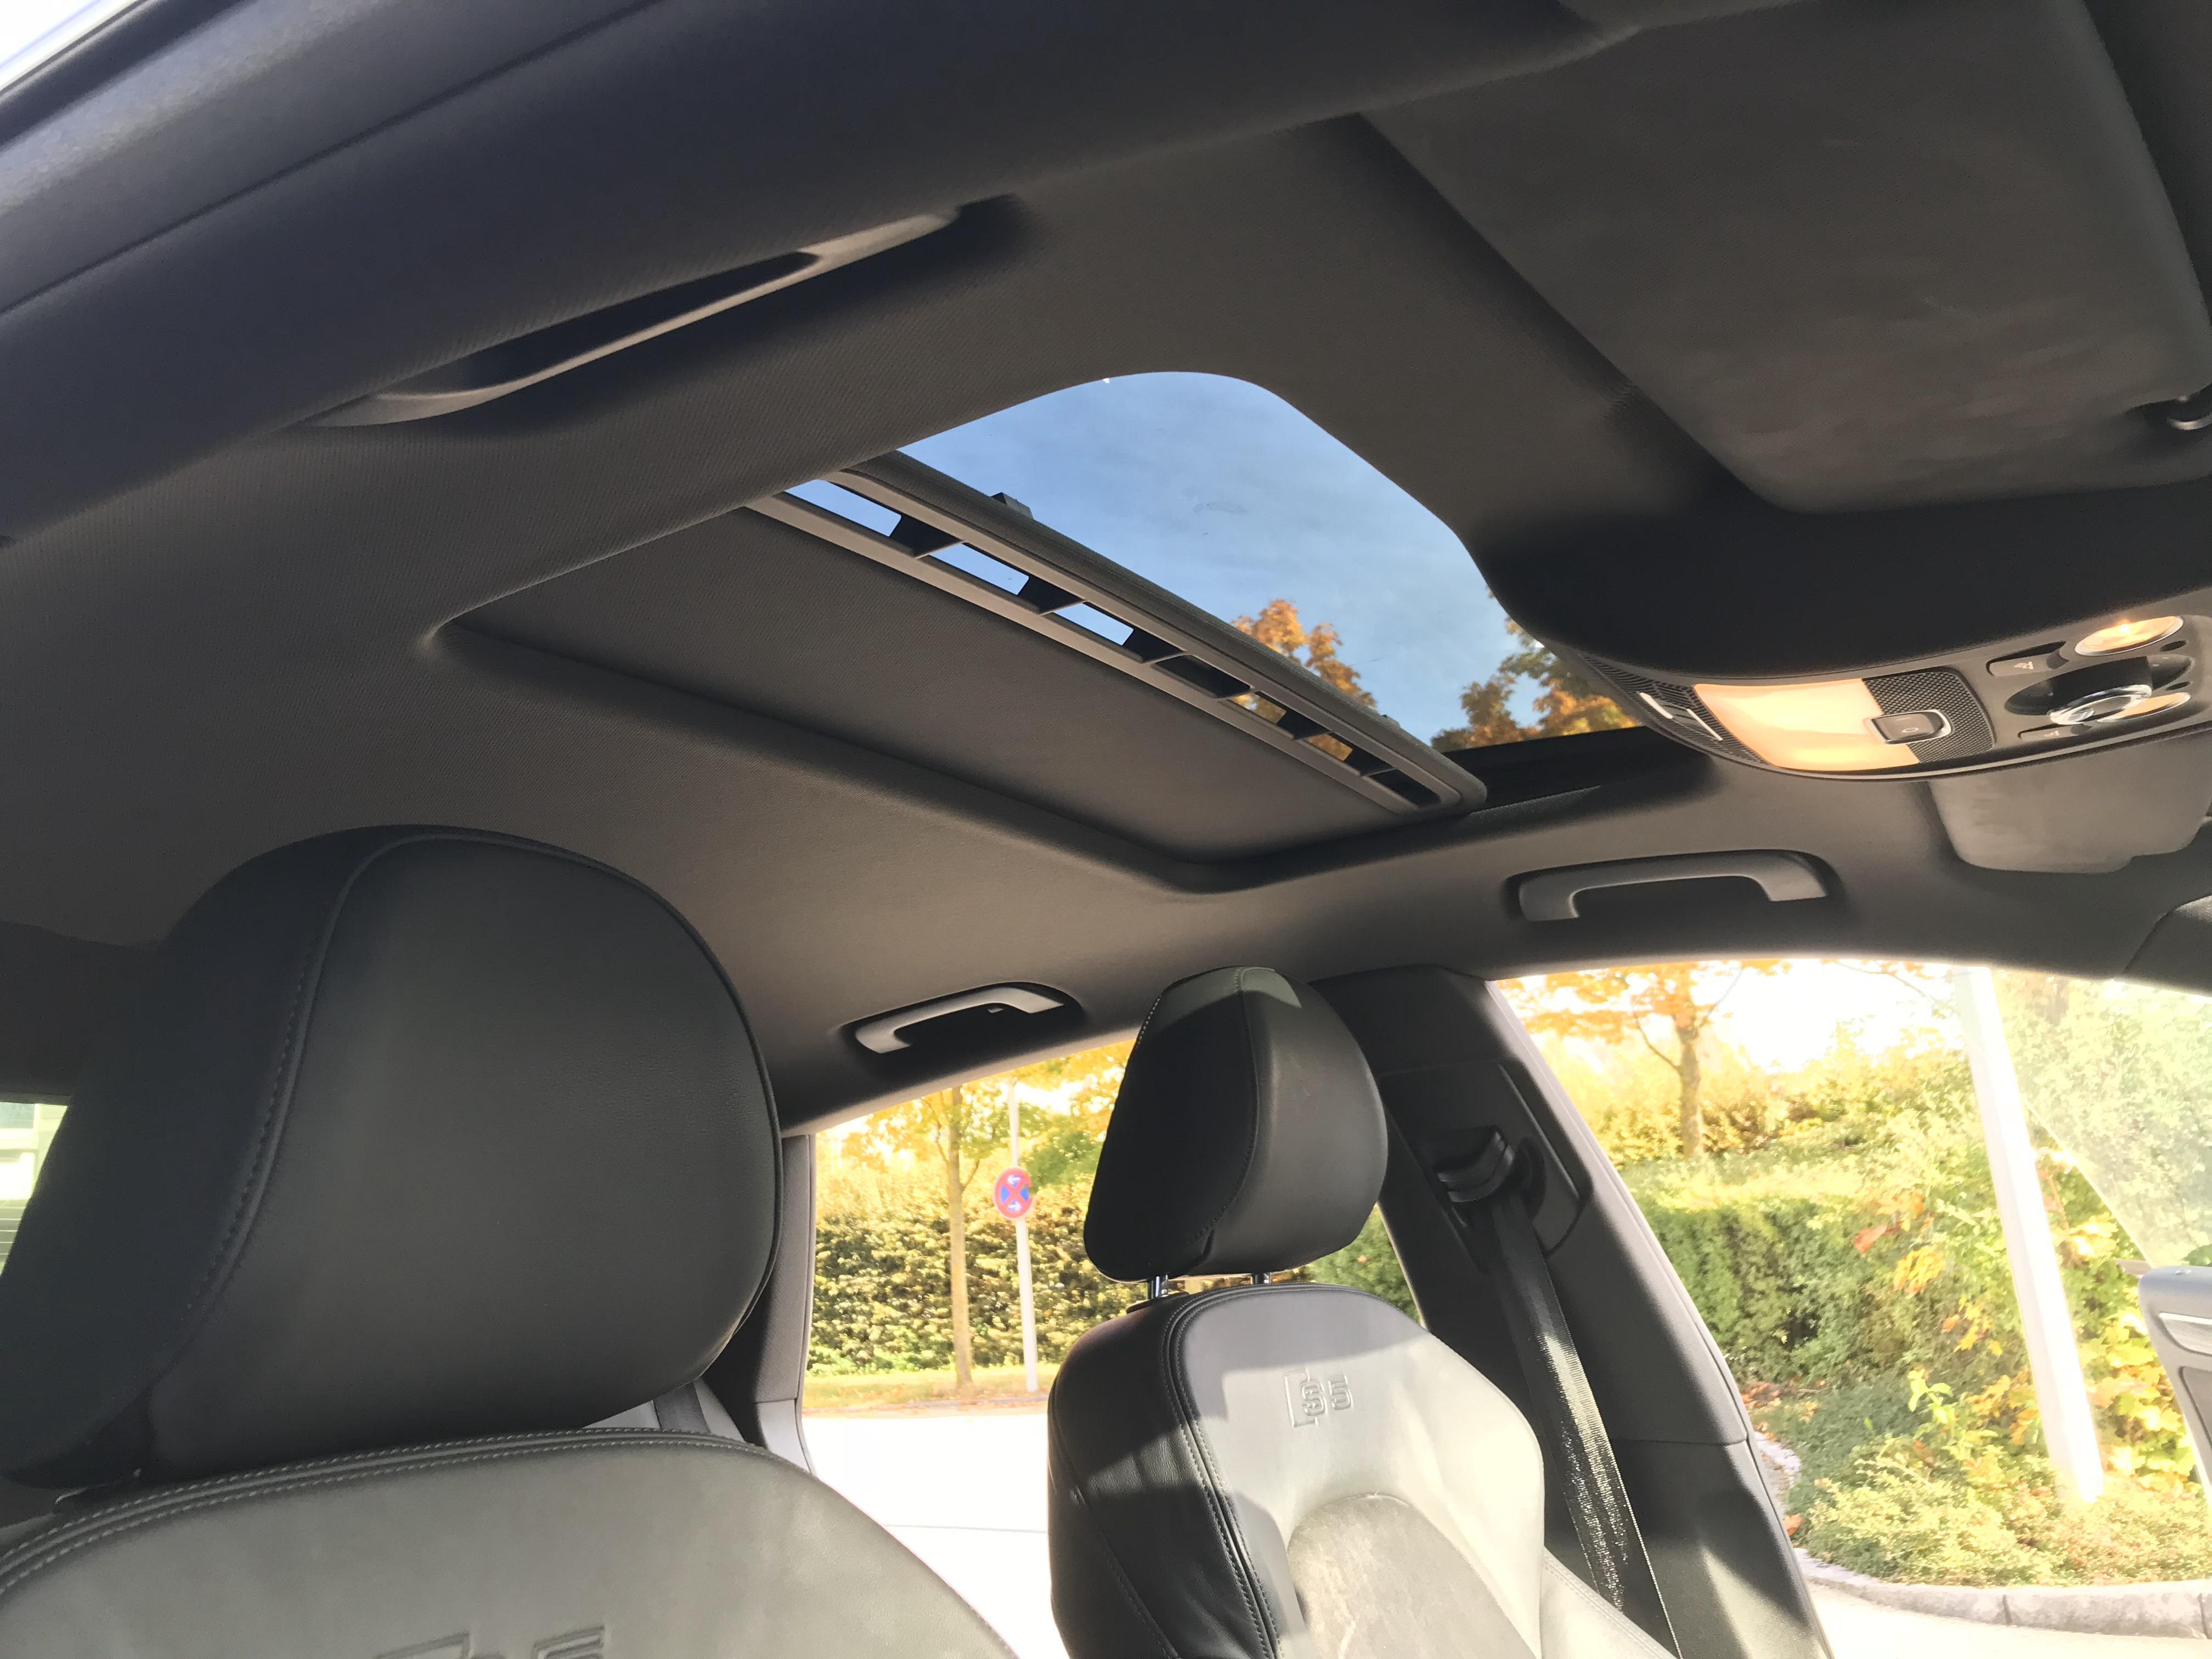 Покупка на кола от Германия - Audi S5 Sportback 2013 3.0 TFSI 333 к.с. Quattro - 33500 Evro - 06.10.2017 (12)